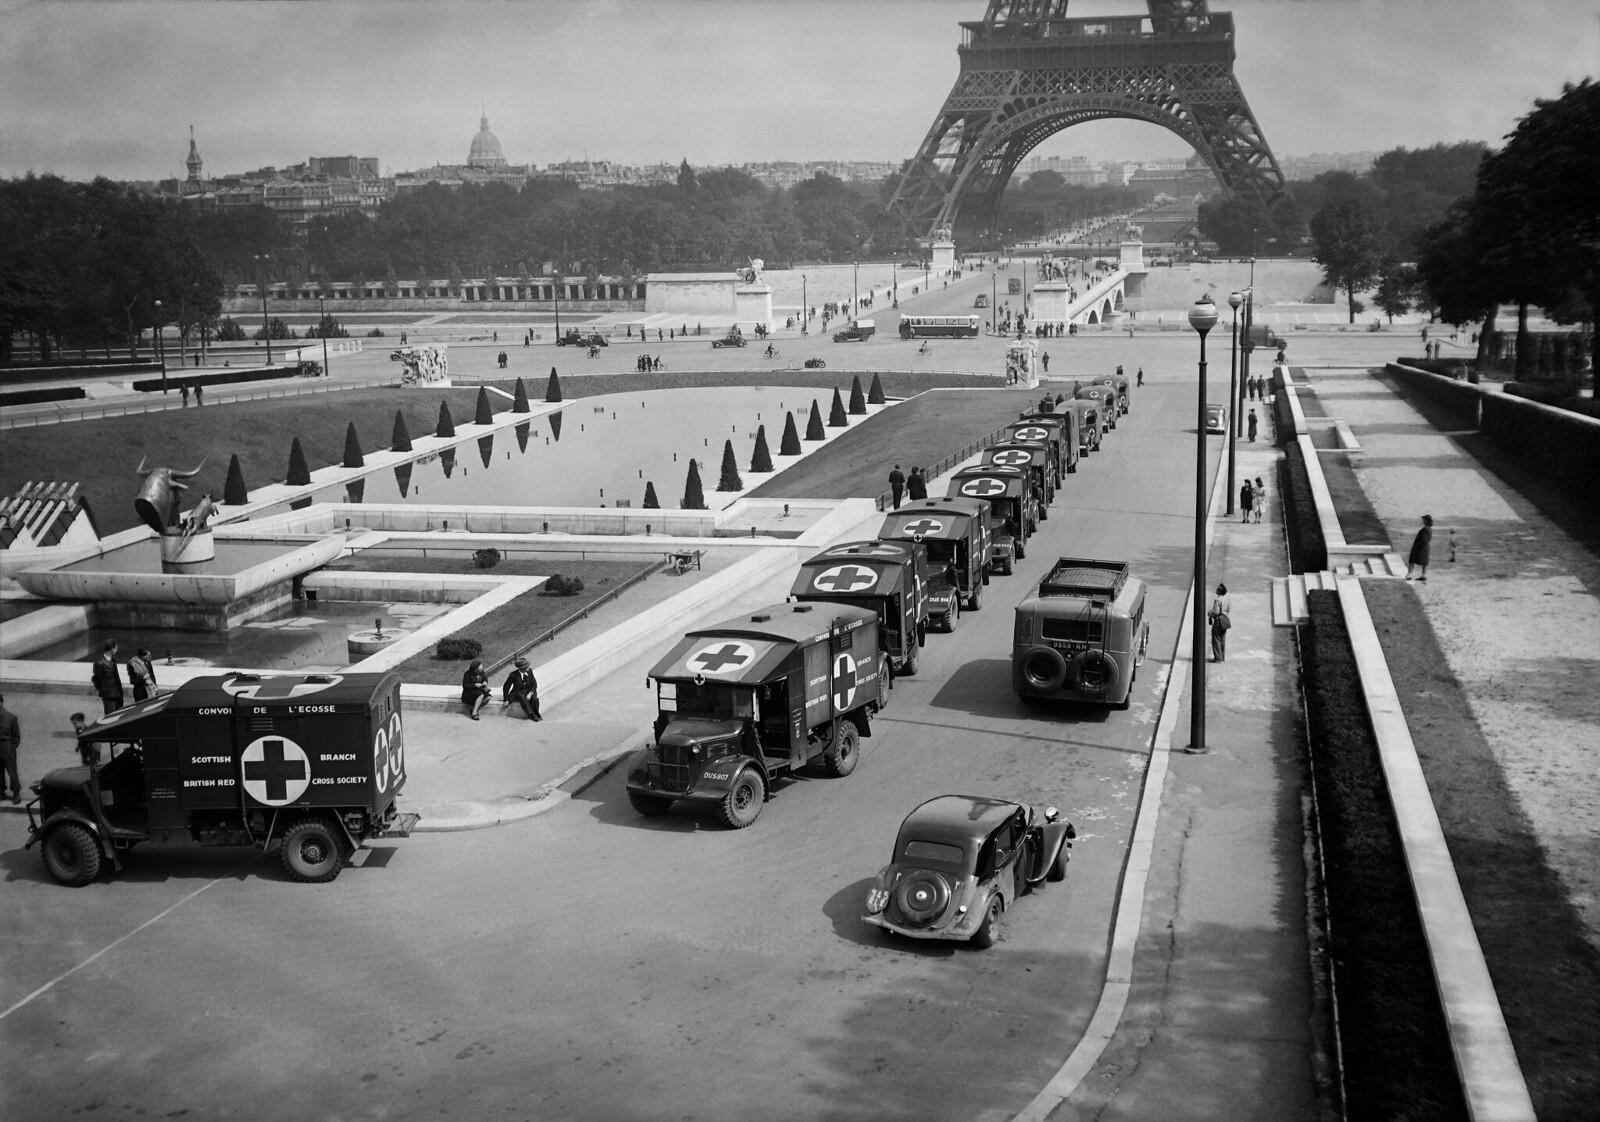 1945. Общий вид церемонии, во время которой Красный Крест Франции получил шестнадцать машин скорой помощи, переданных Шотландским Красным Кре